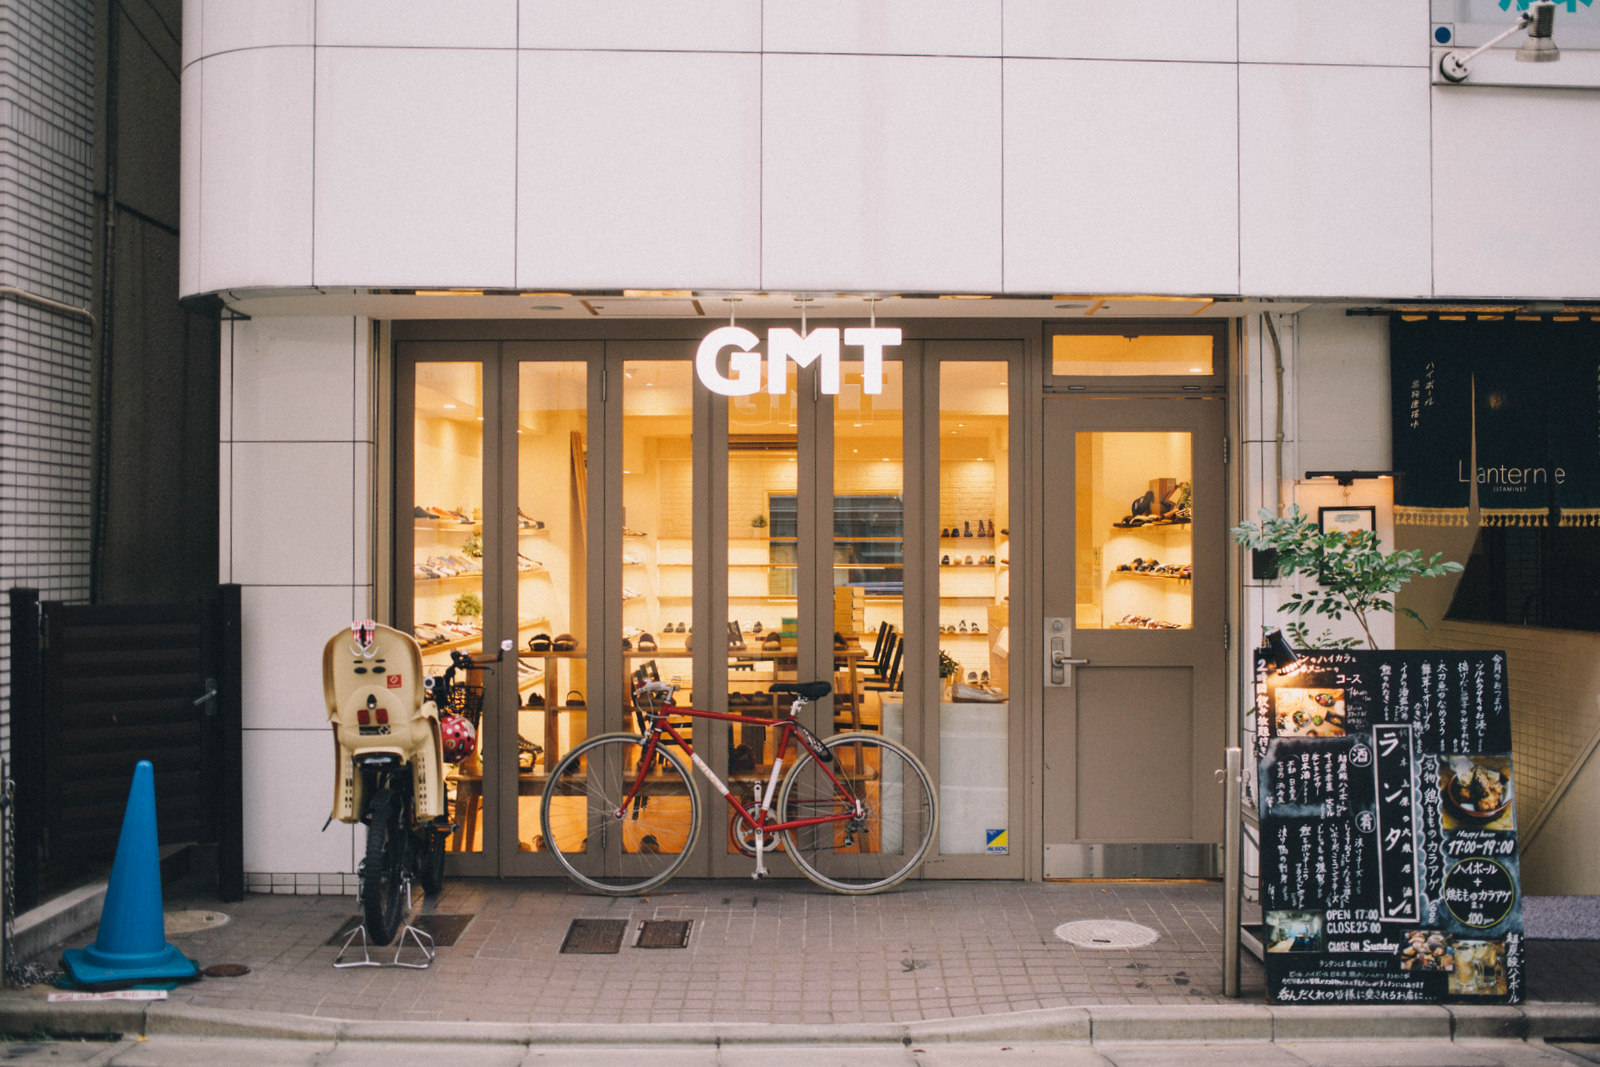 1994年に、代々木上原で生まれ育った横瀬秀明さんが靴の卸をメインに立ち上げた〈GMT〉